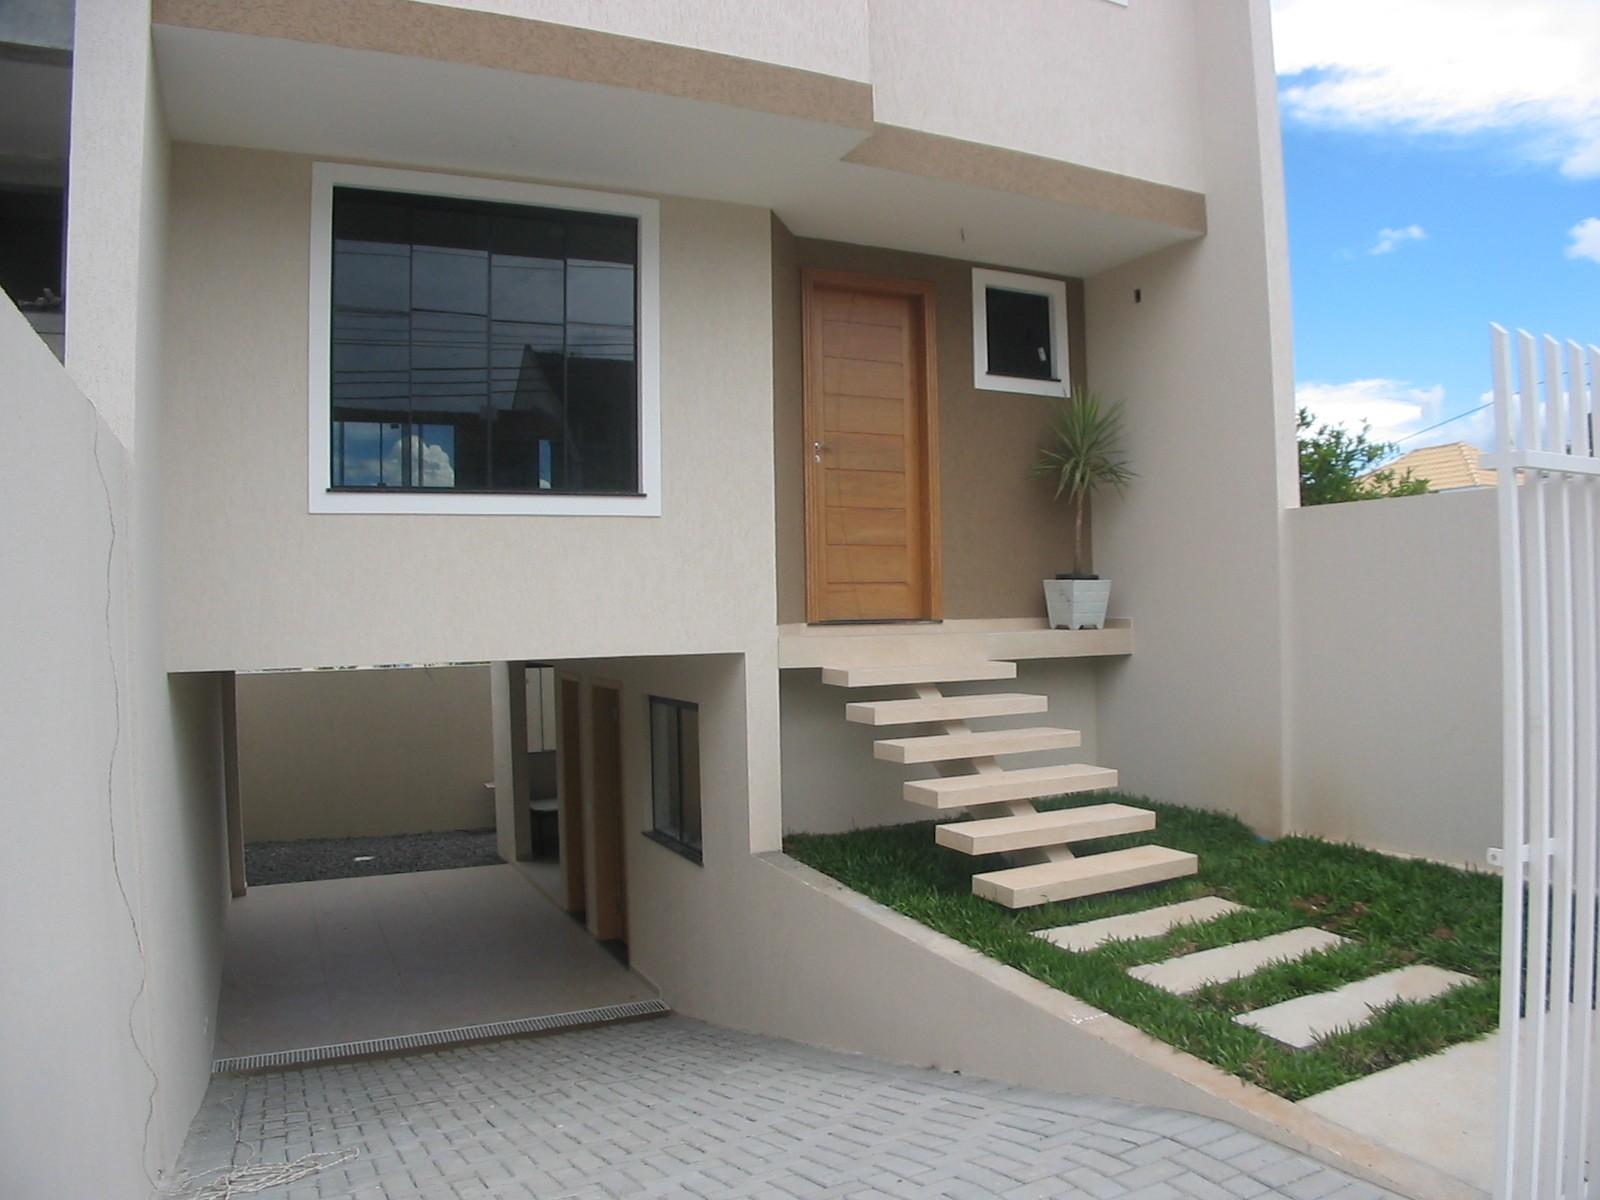 #146AB7 Solar Imóveis imóveis para venda 1600x1200 píxeis em Como Fazer Meu Proprio Projeto Residencial